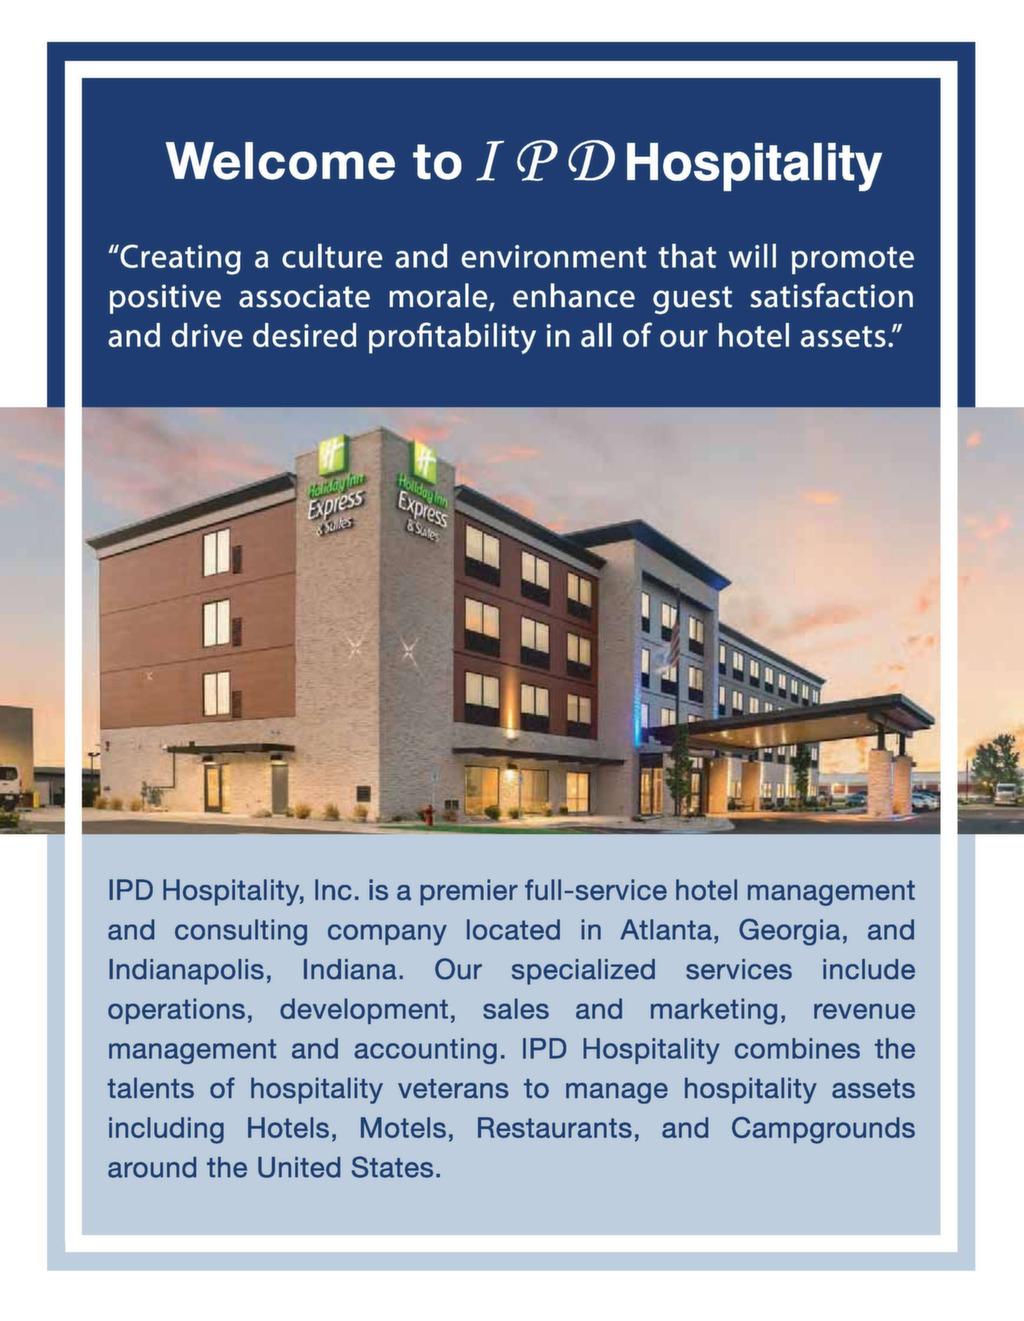 IPD Hospitality E-Brochure | IPD Hospitality